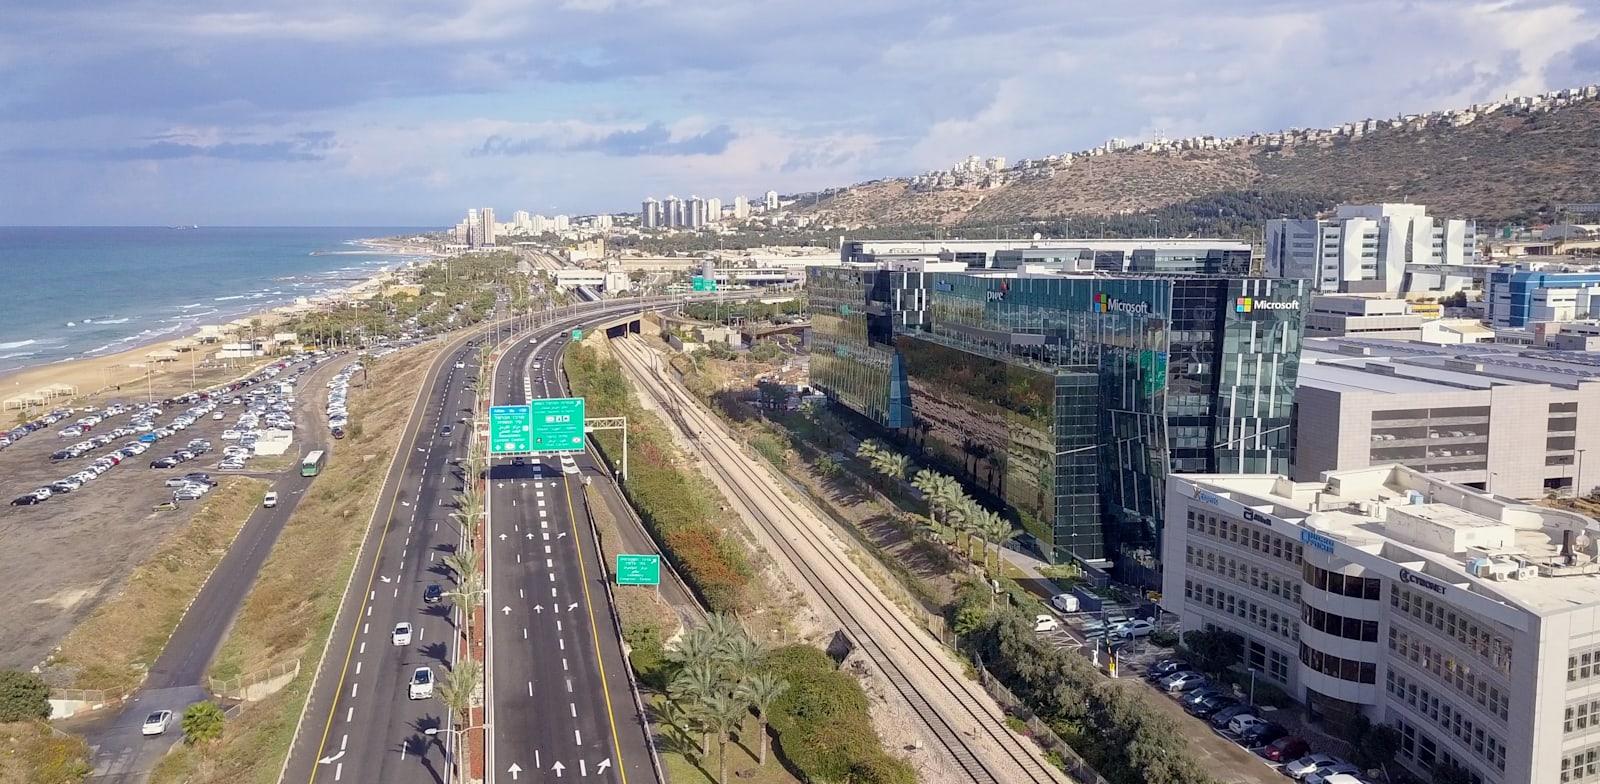 מרכז ההייטק של חיפה / צילום: Shutterstock